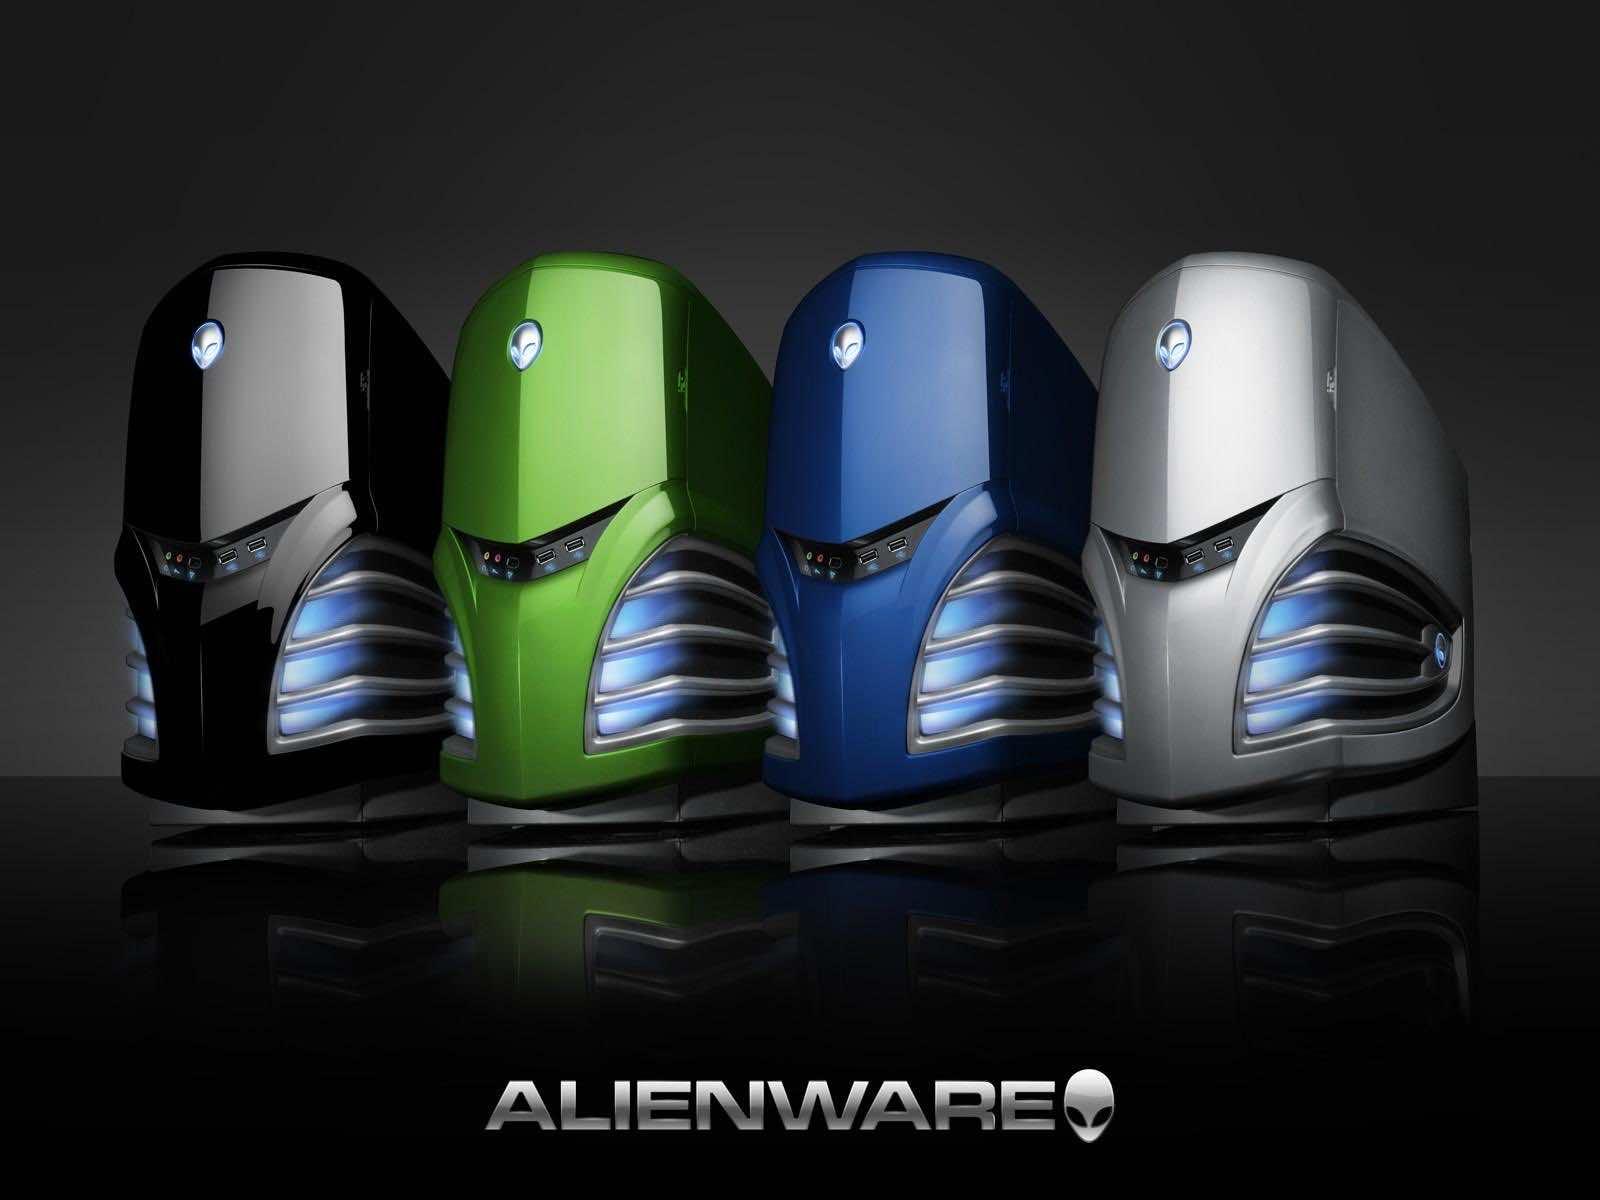 alienware wallpapers 4